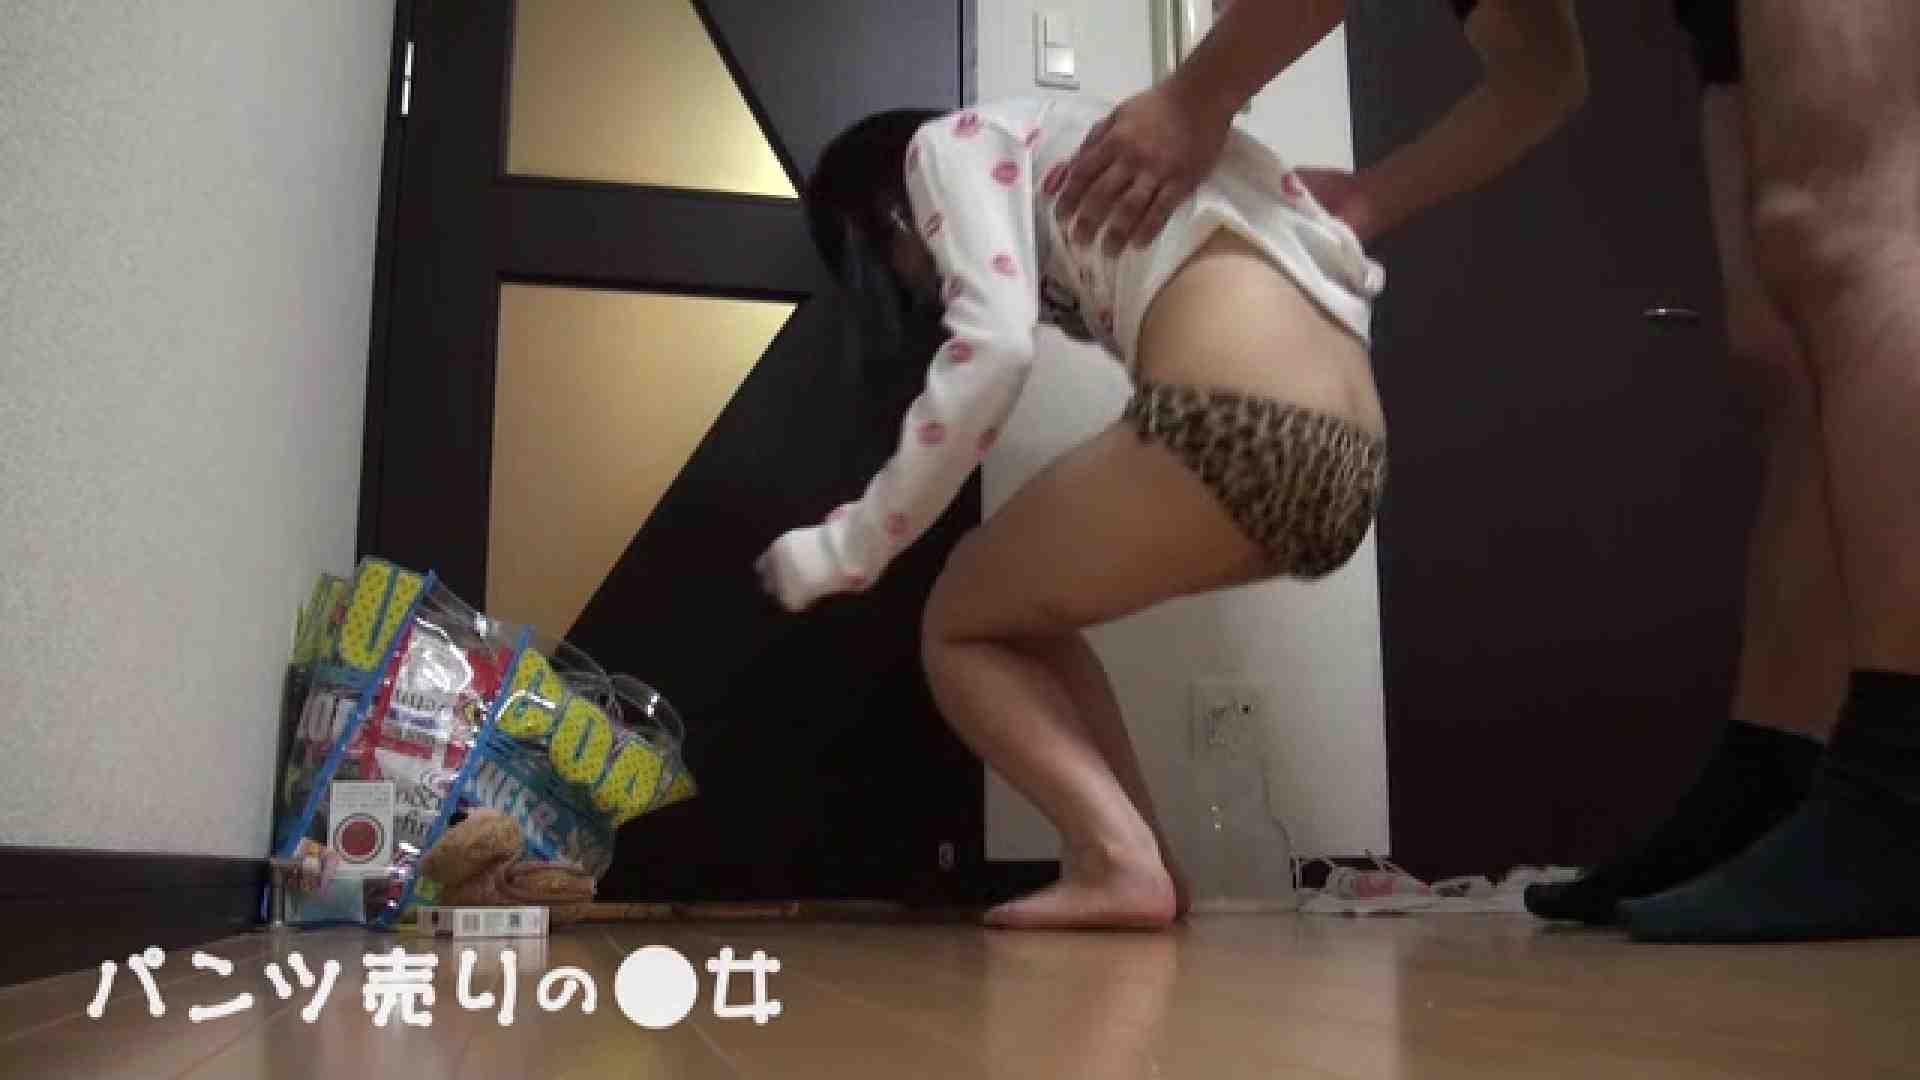 新説 パンツ売りの女の子nana パンツ  103連発 86